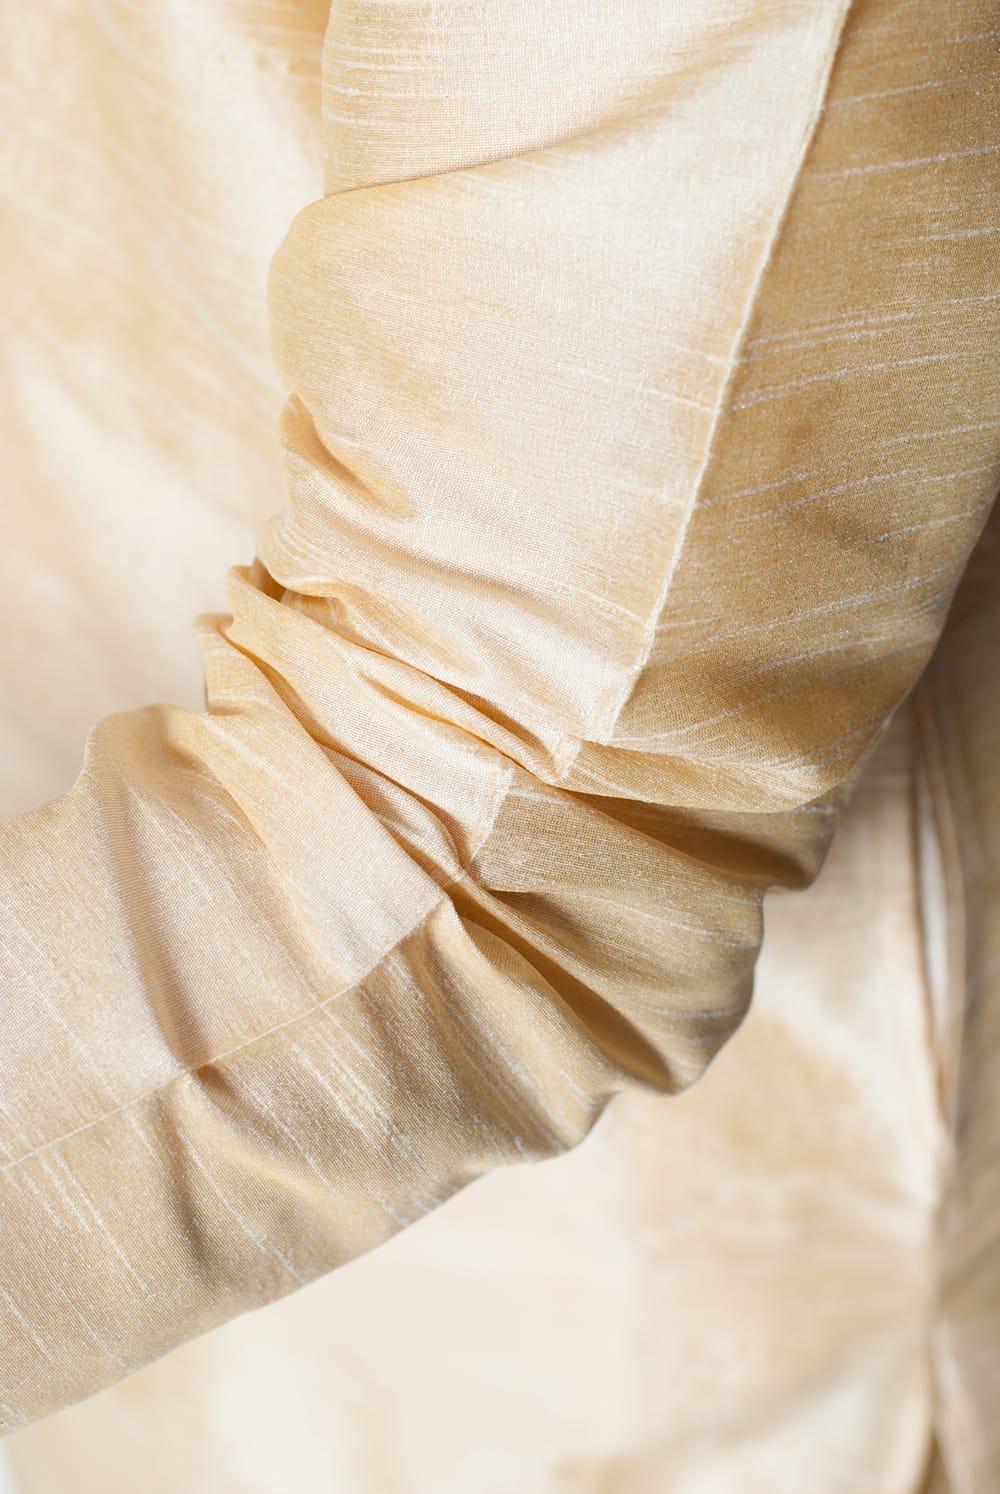 クルタ・パジャマ - ゴールデンホワイト【光沢生地ゴージャス】 6 - 生地感の様子になります。